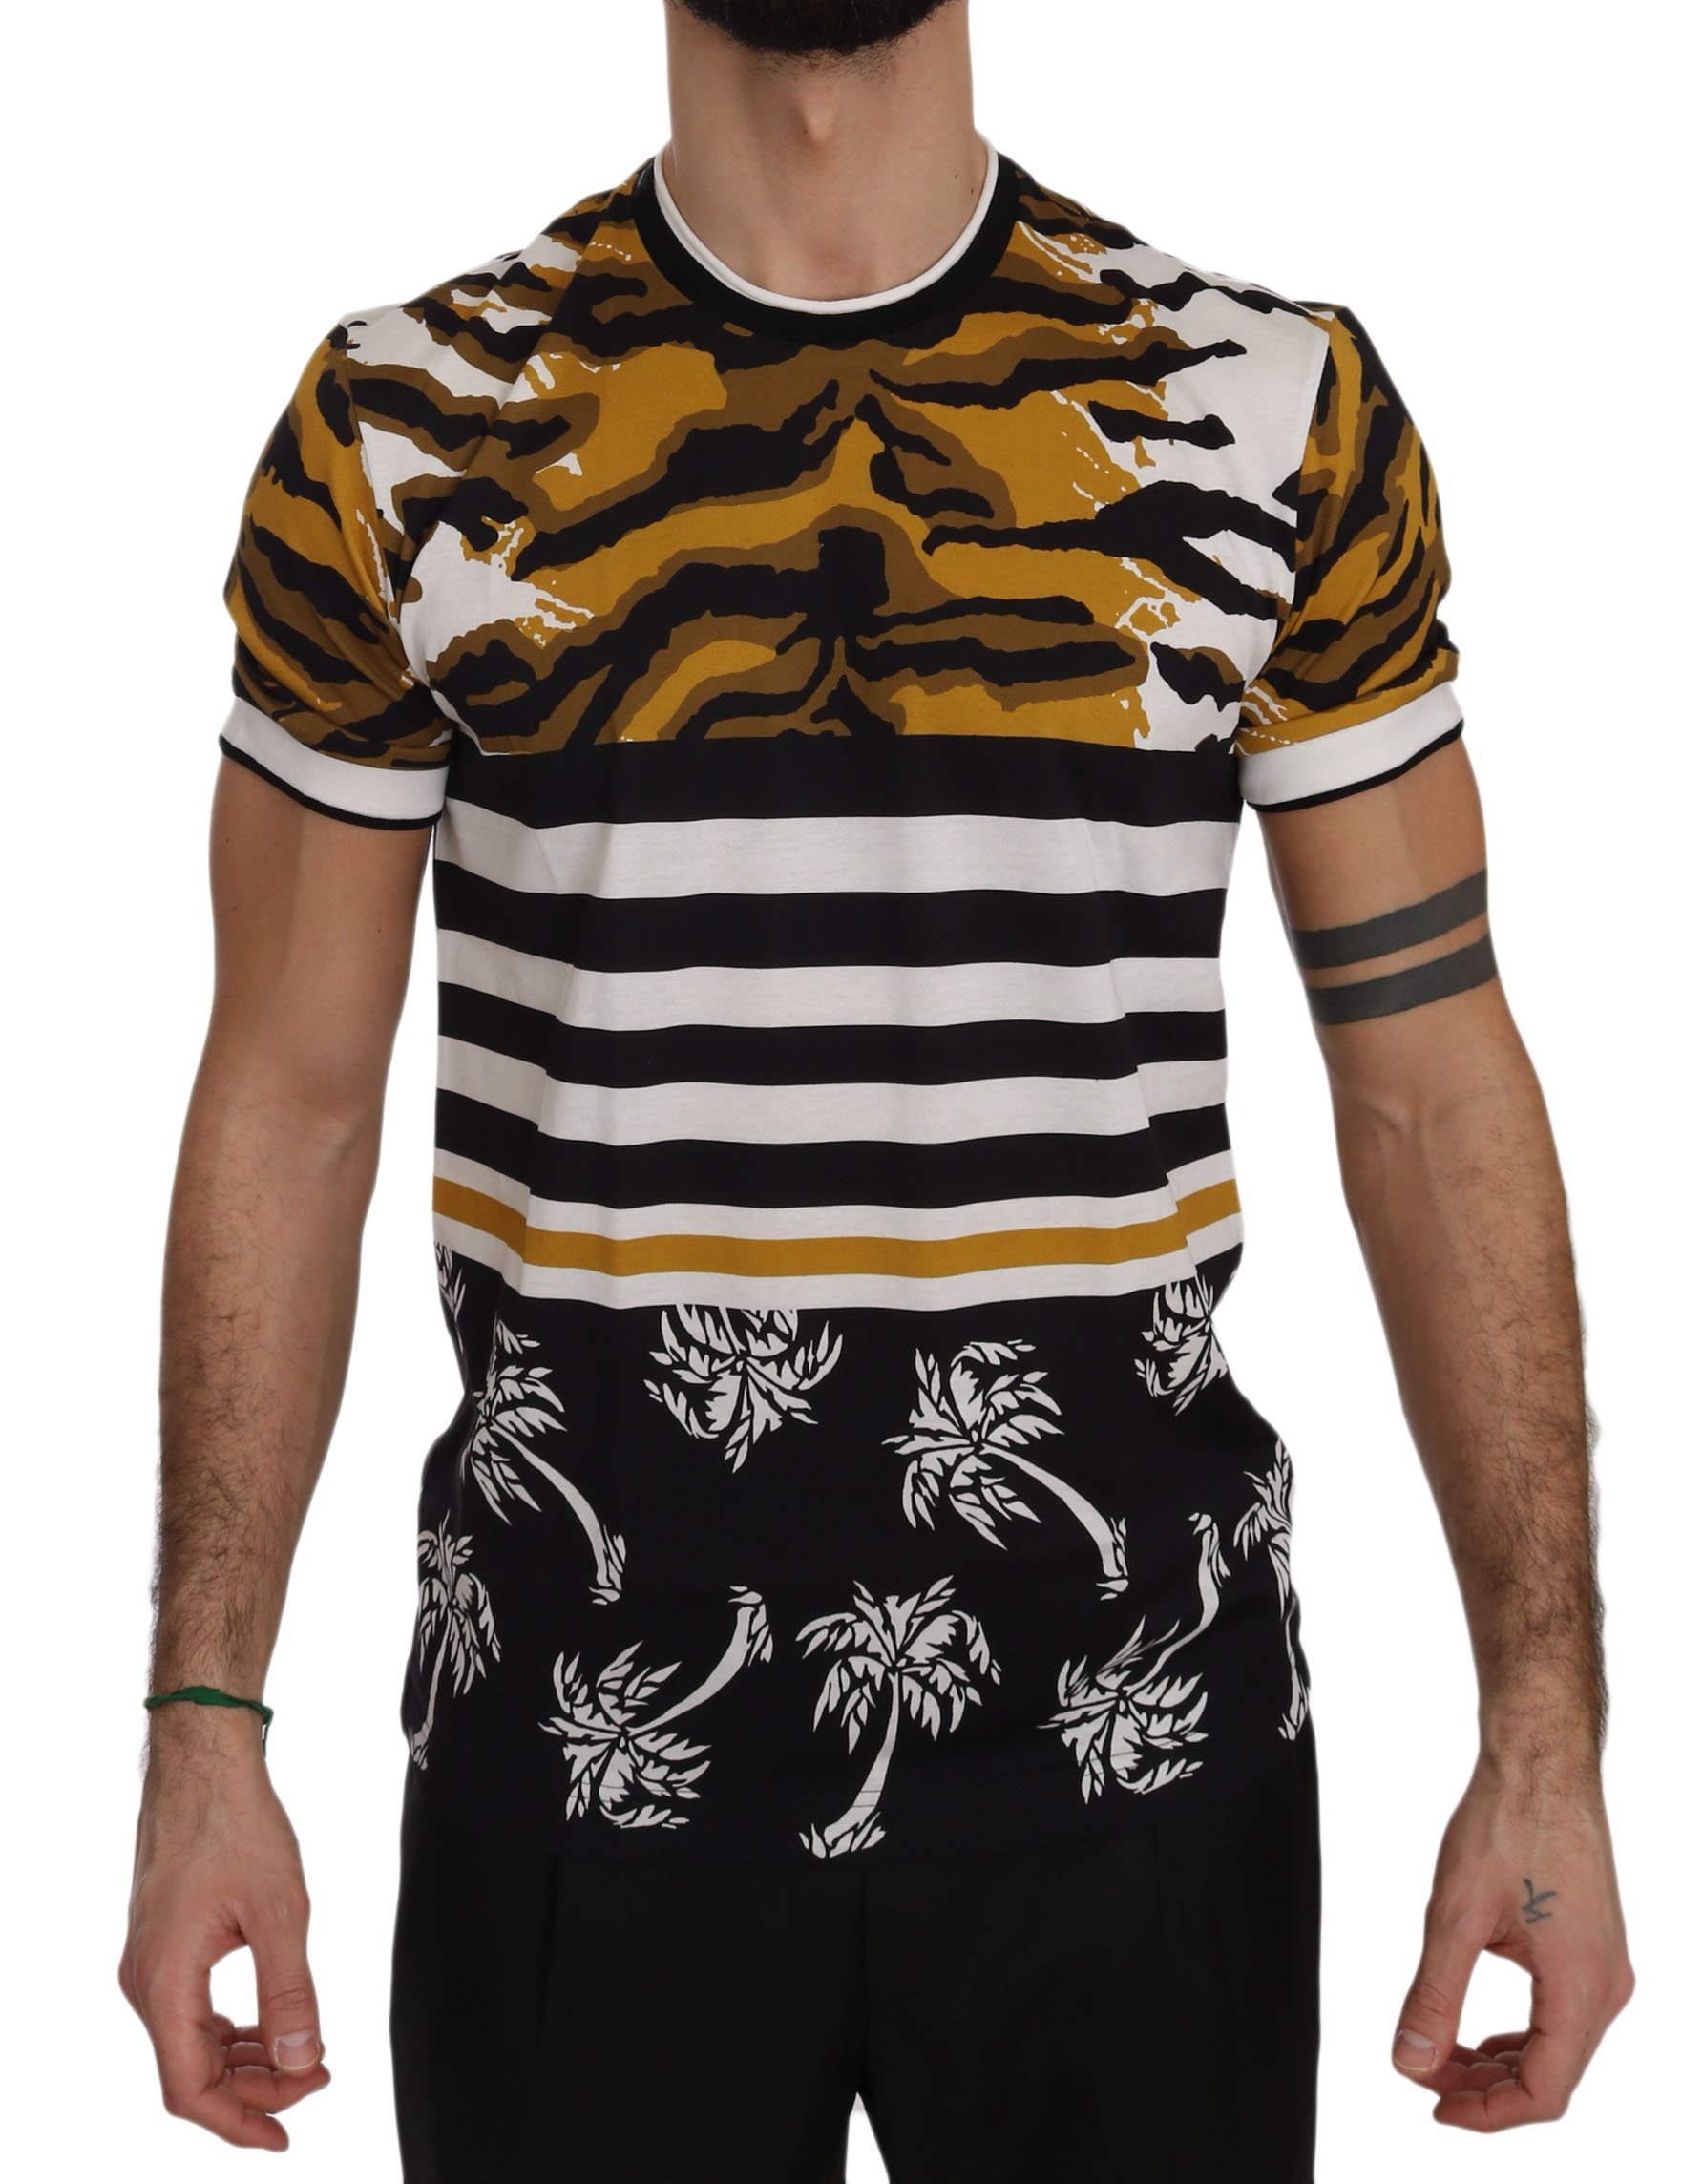 Dolce & Gabbana Men's Crewneck Palm T-Shirt Multicolor TSH3496 - IT46 | M